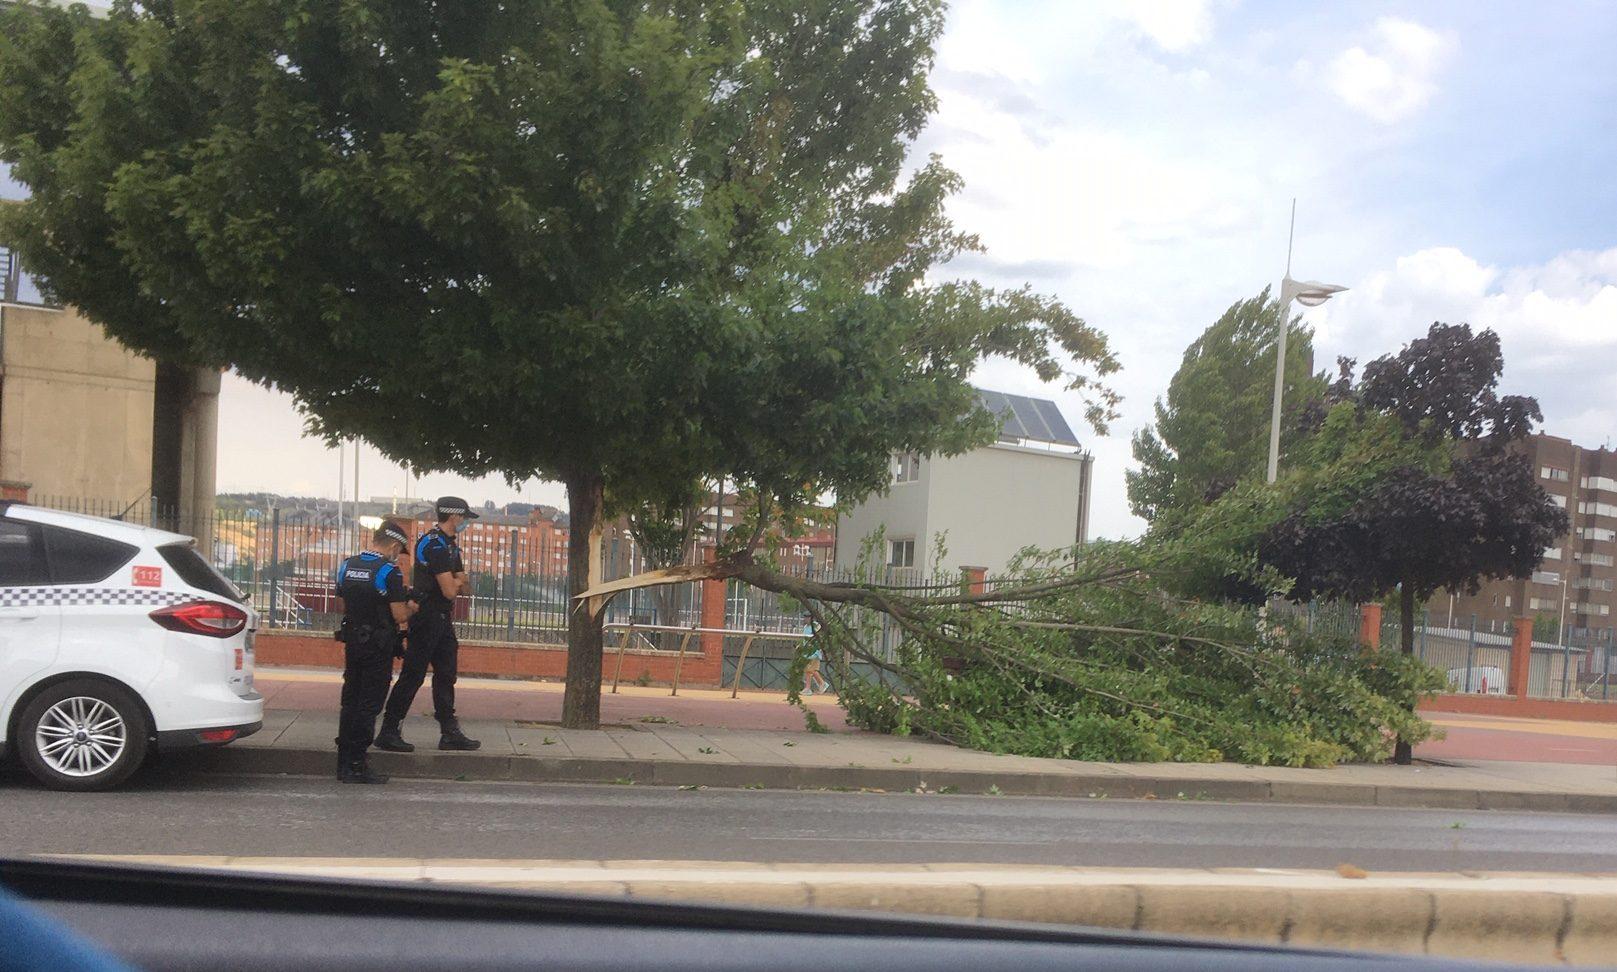 Un rama de gran tamaño cae sobre la acera de la avenida de Asturias y nuevo corte en la Carretera de Peñalba 1